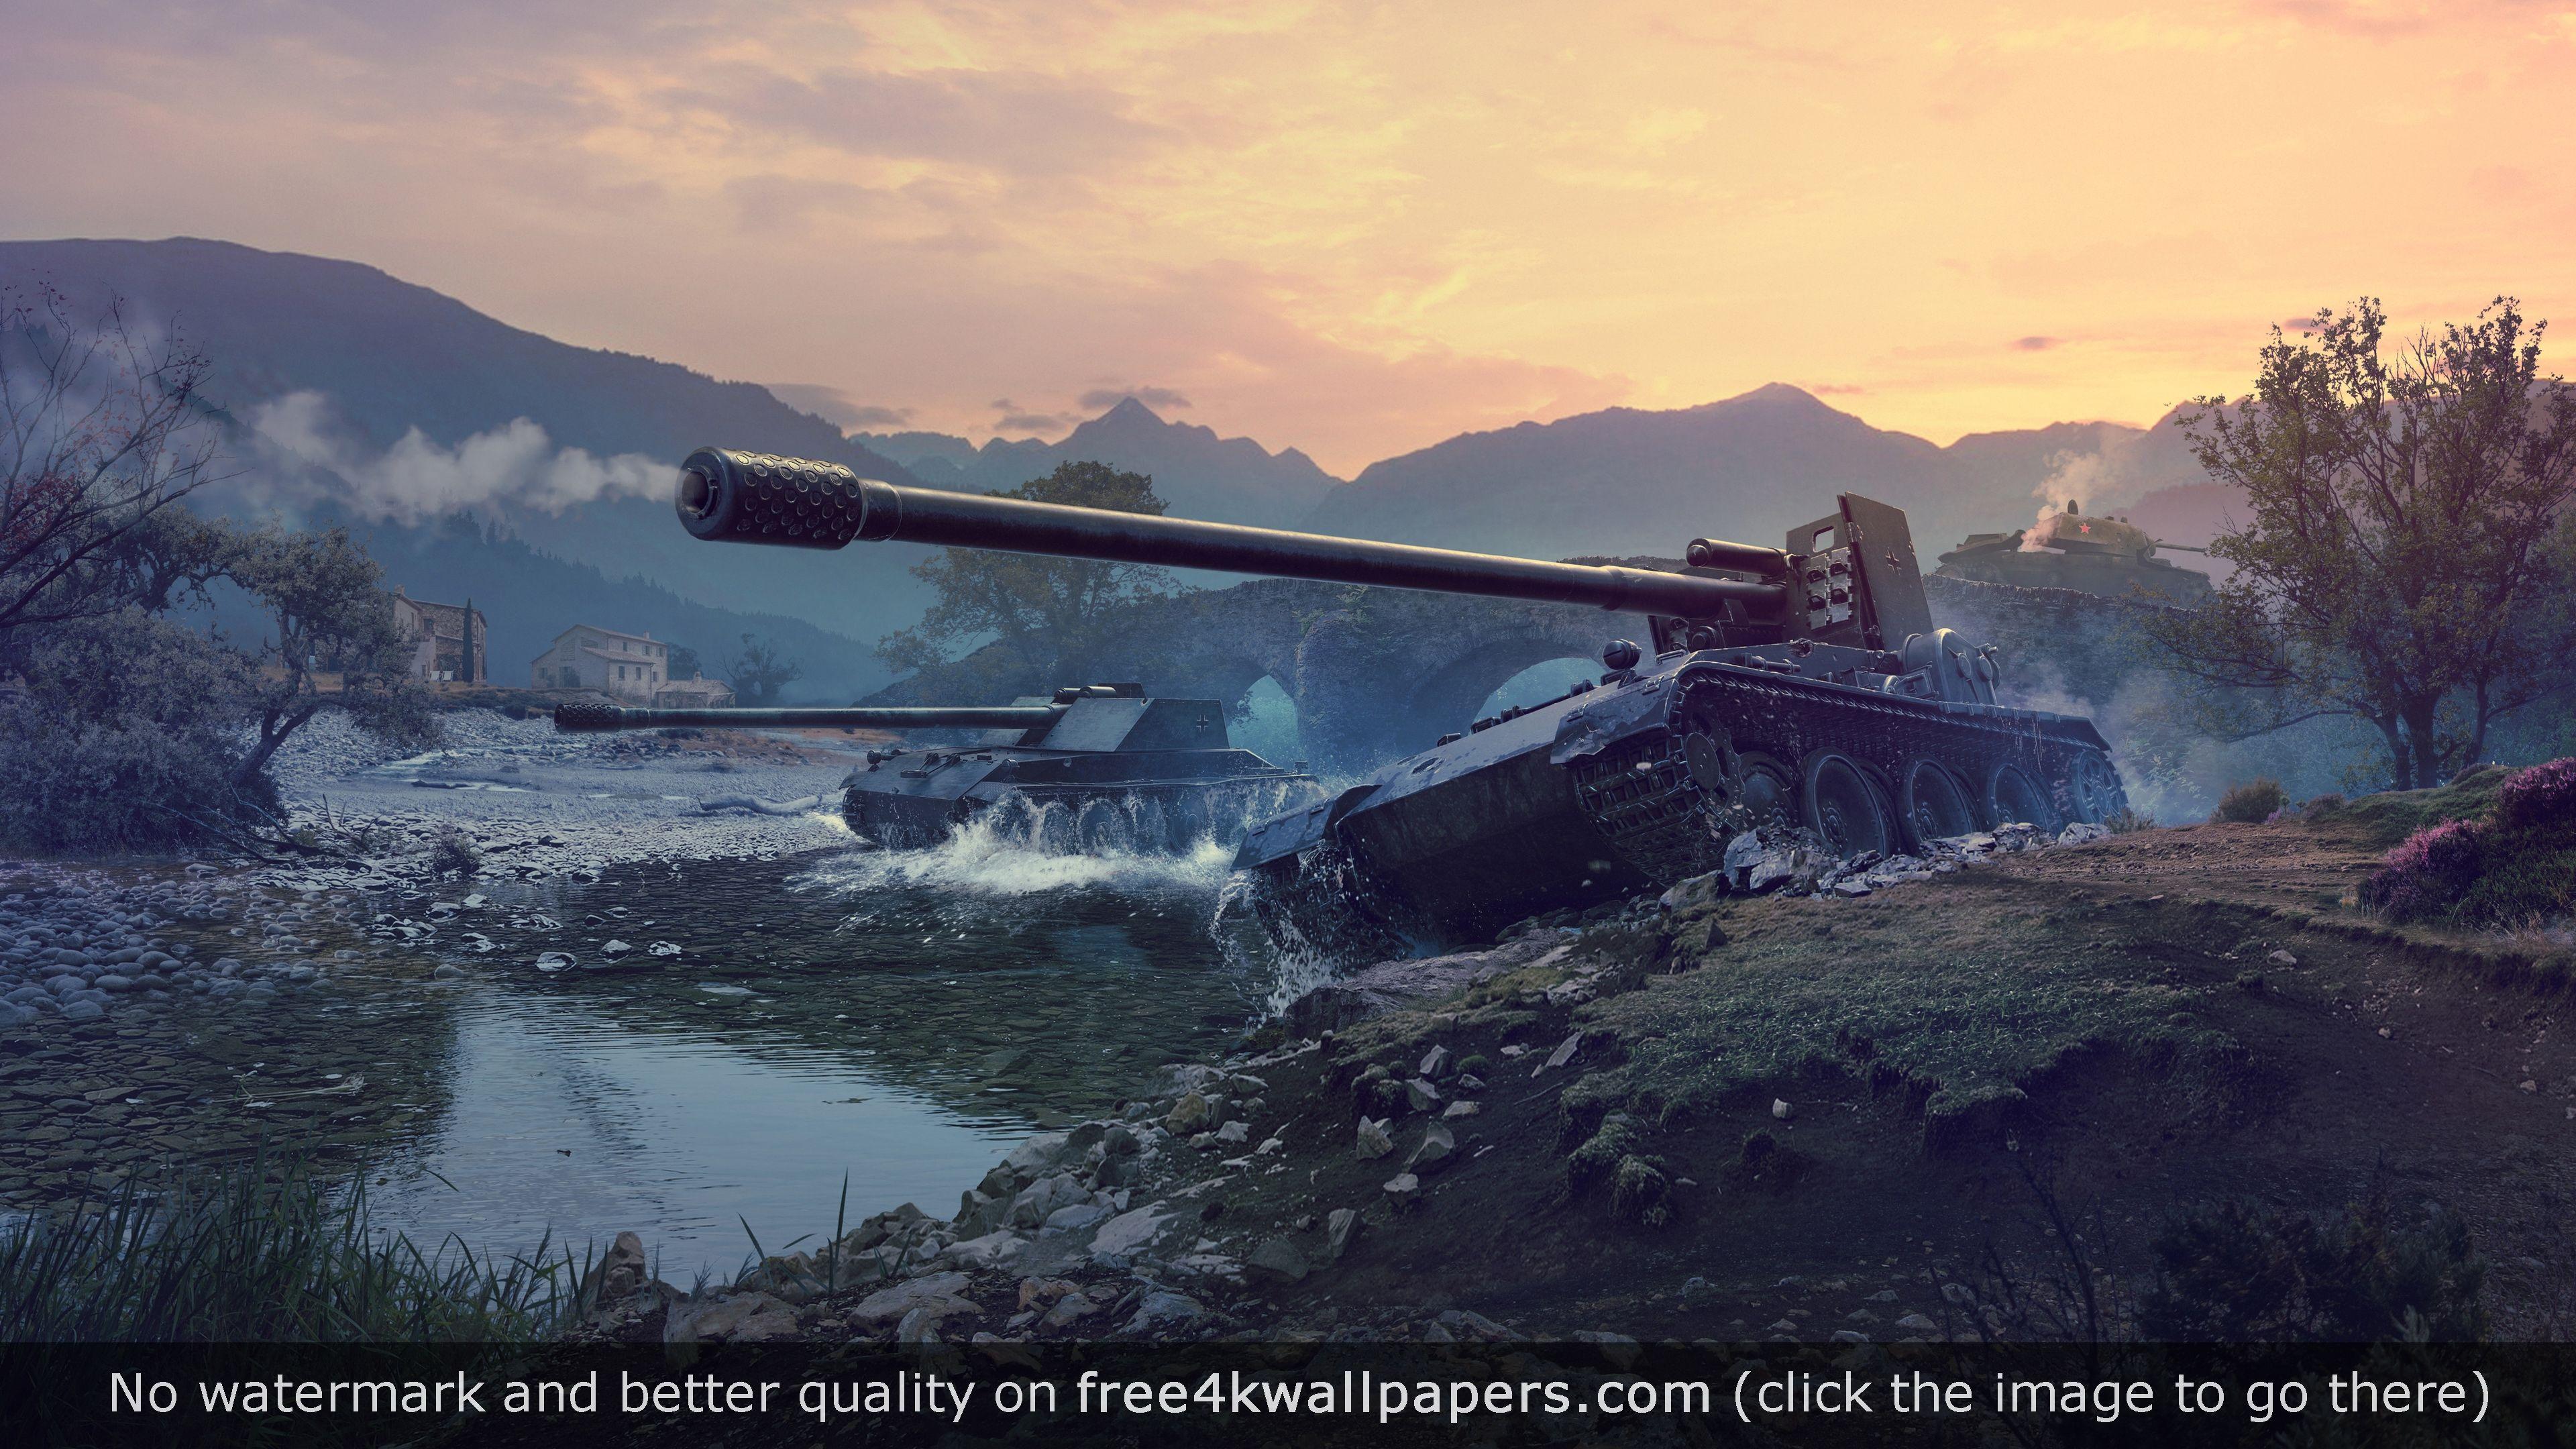 Grille Tank Destroyer World Of Tanks 4k Wallpaper World Of Tanks Tank Wallpaper World Of Tanks Game